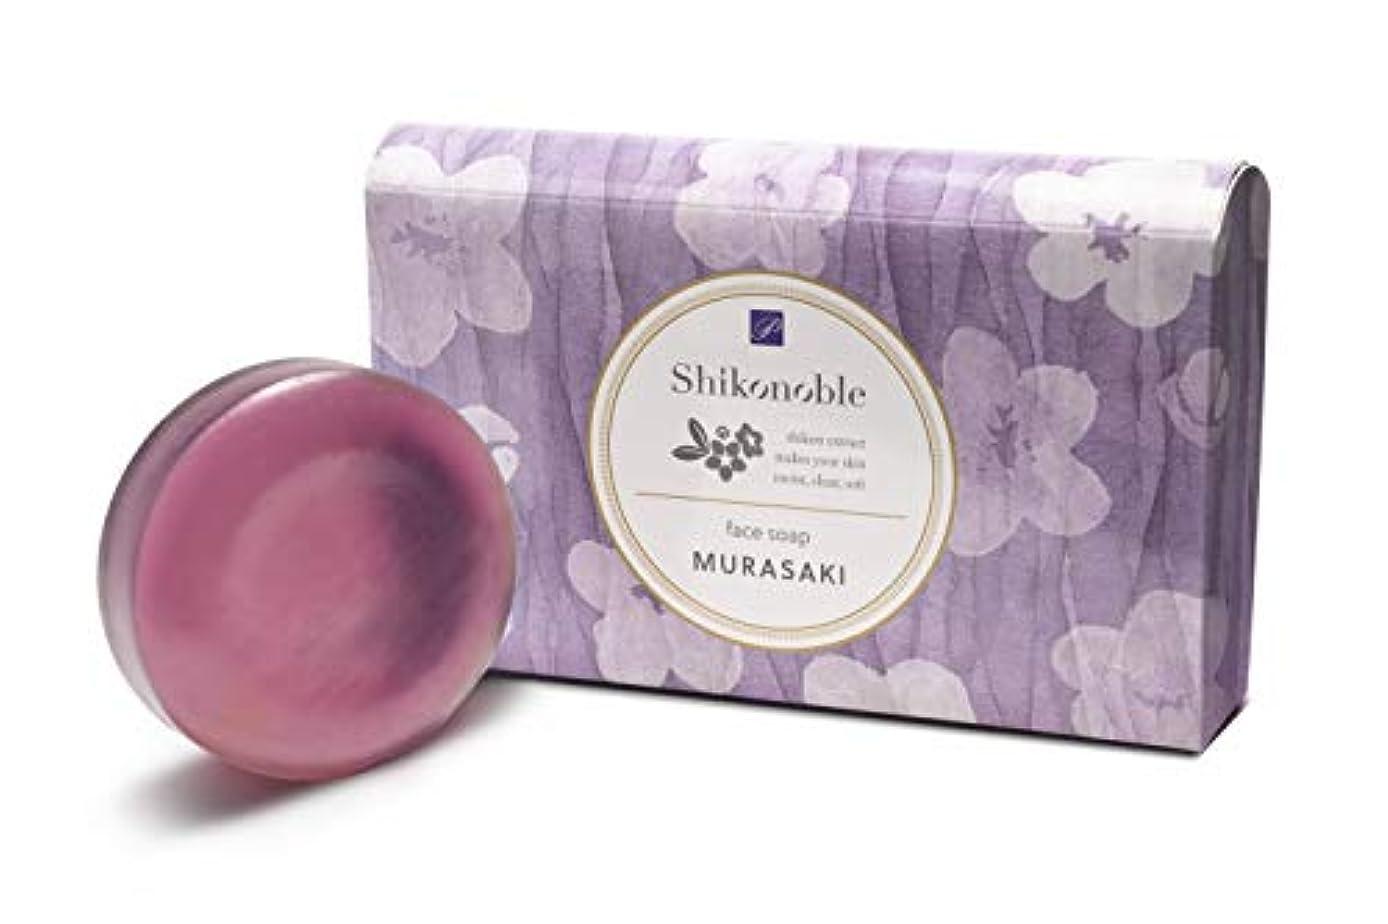 逸脱のぞき穴ブートフェイスソープ紫(枠練り石けん)100g×2個